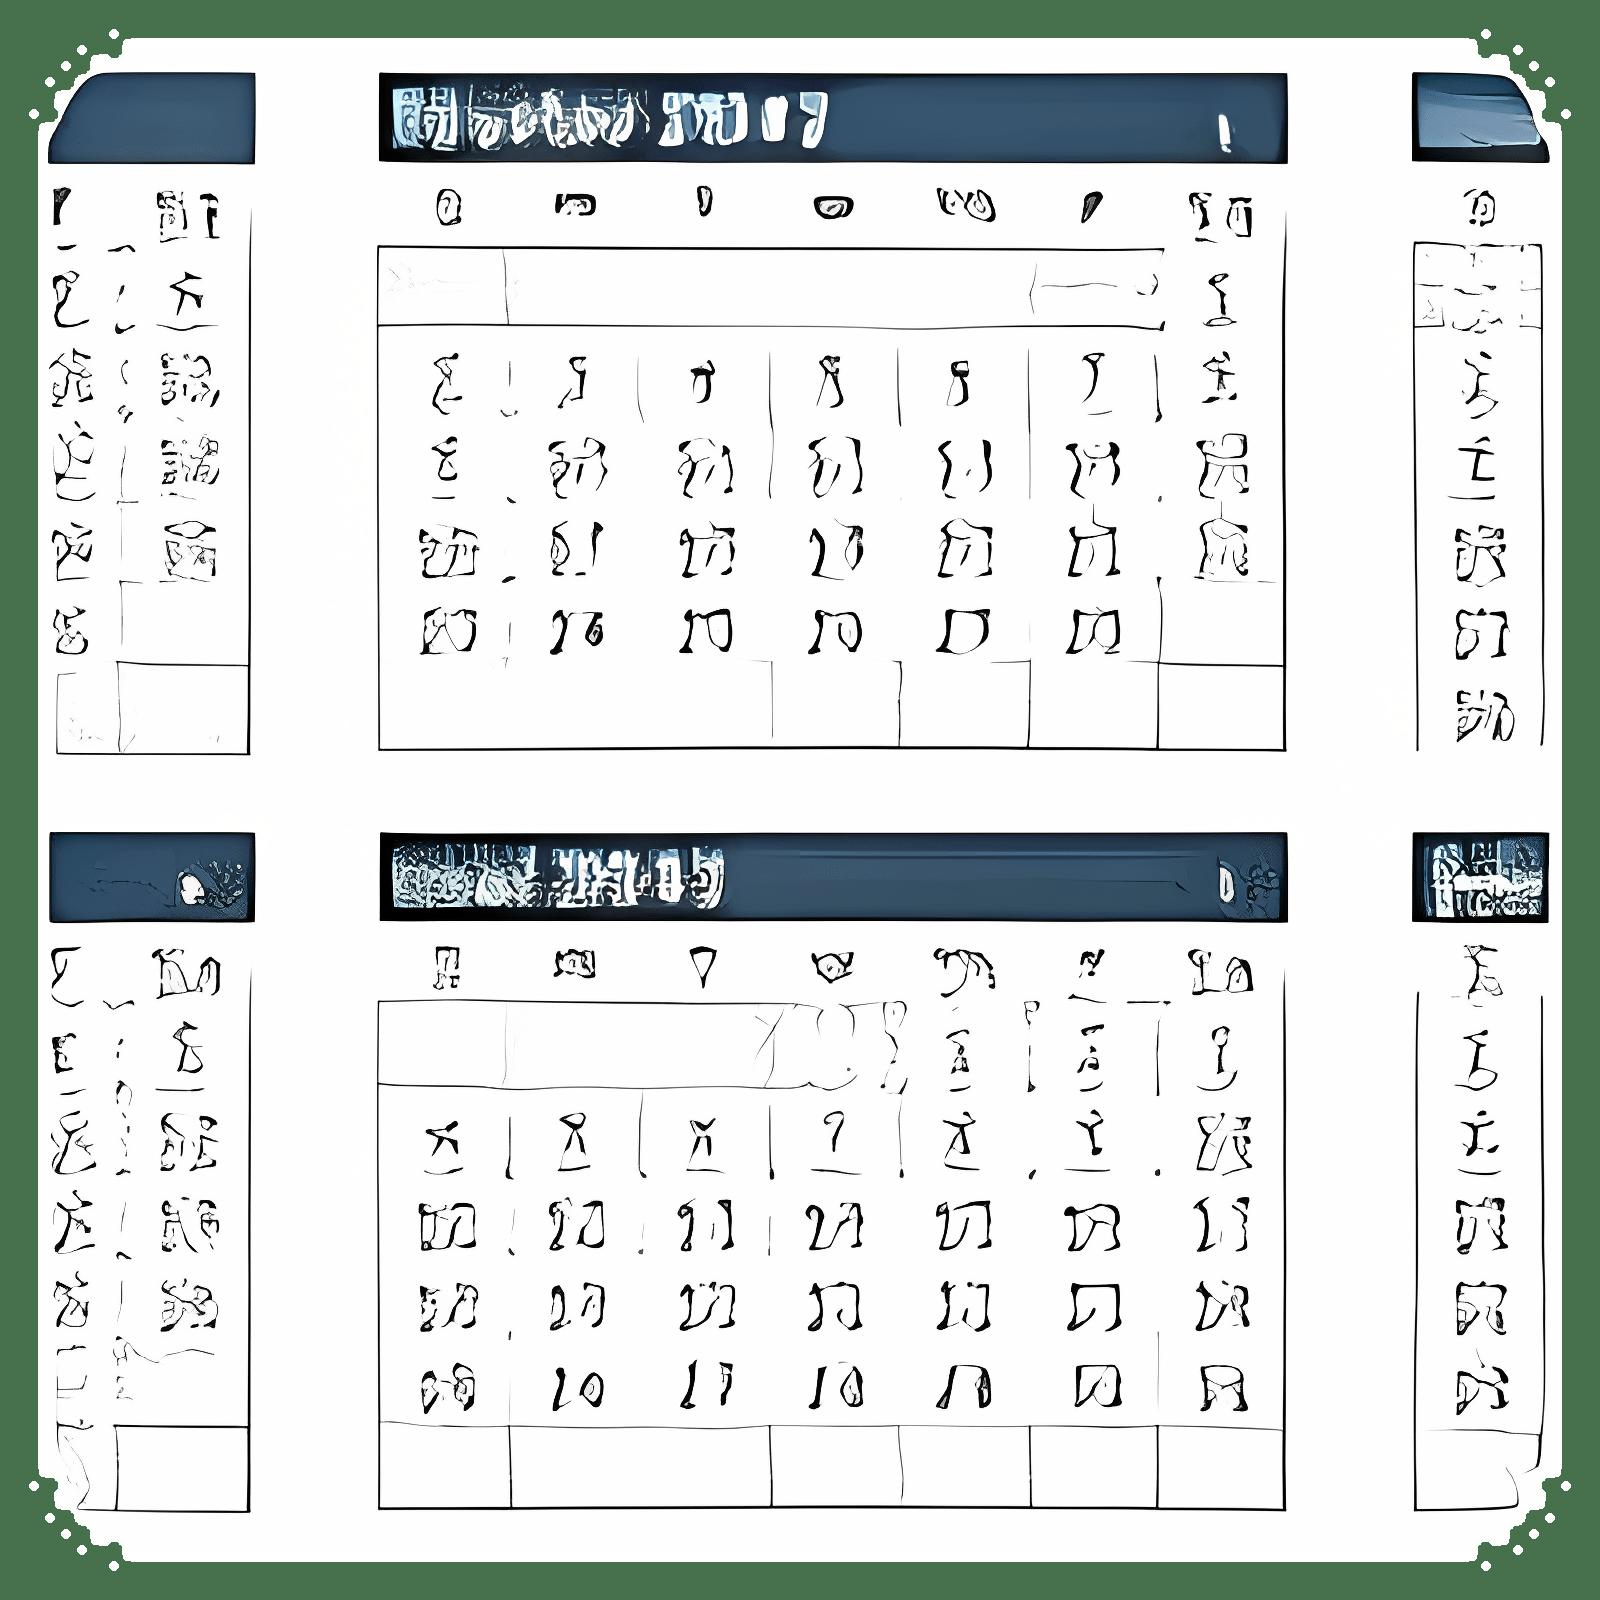 Modelo de Calendário Anual Excel